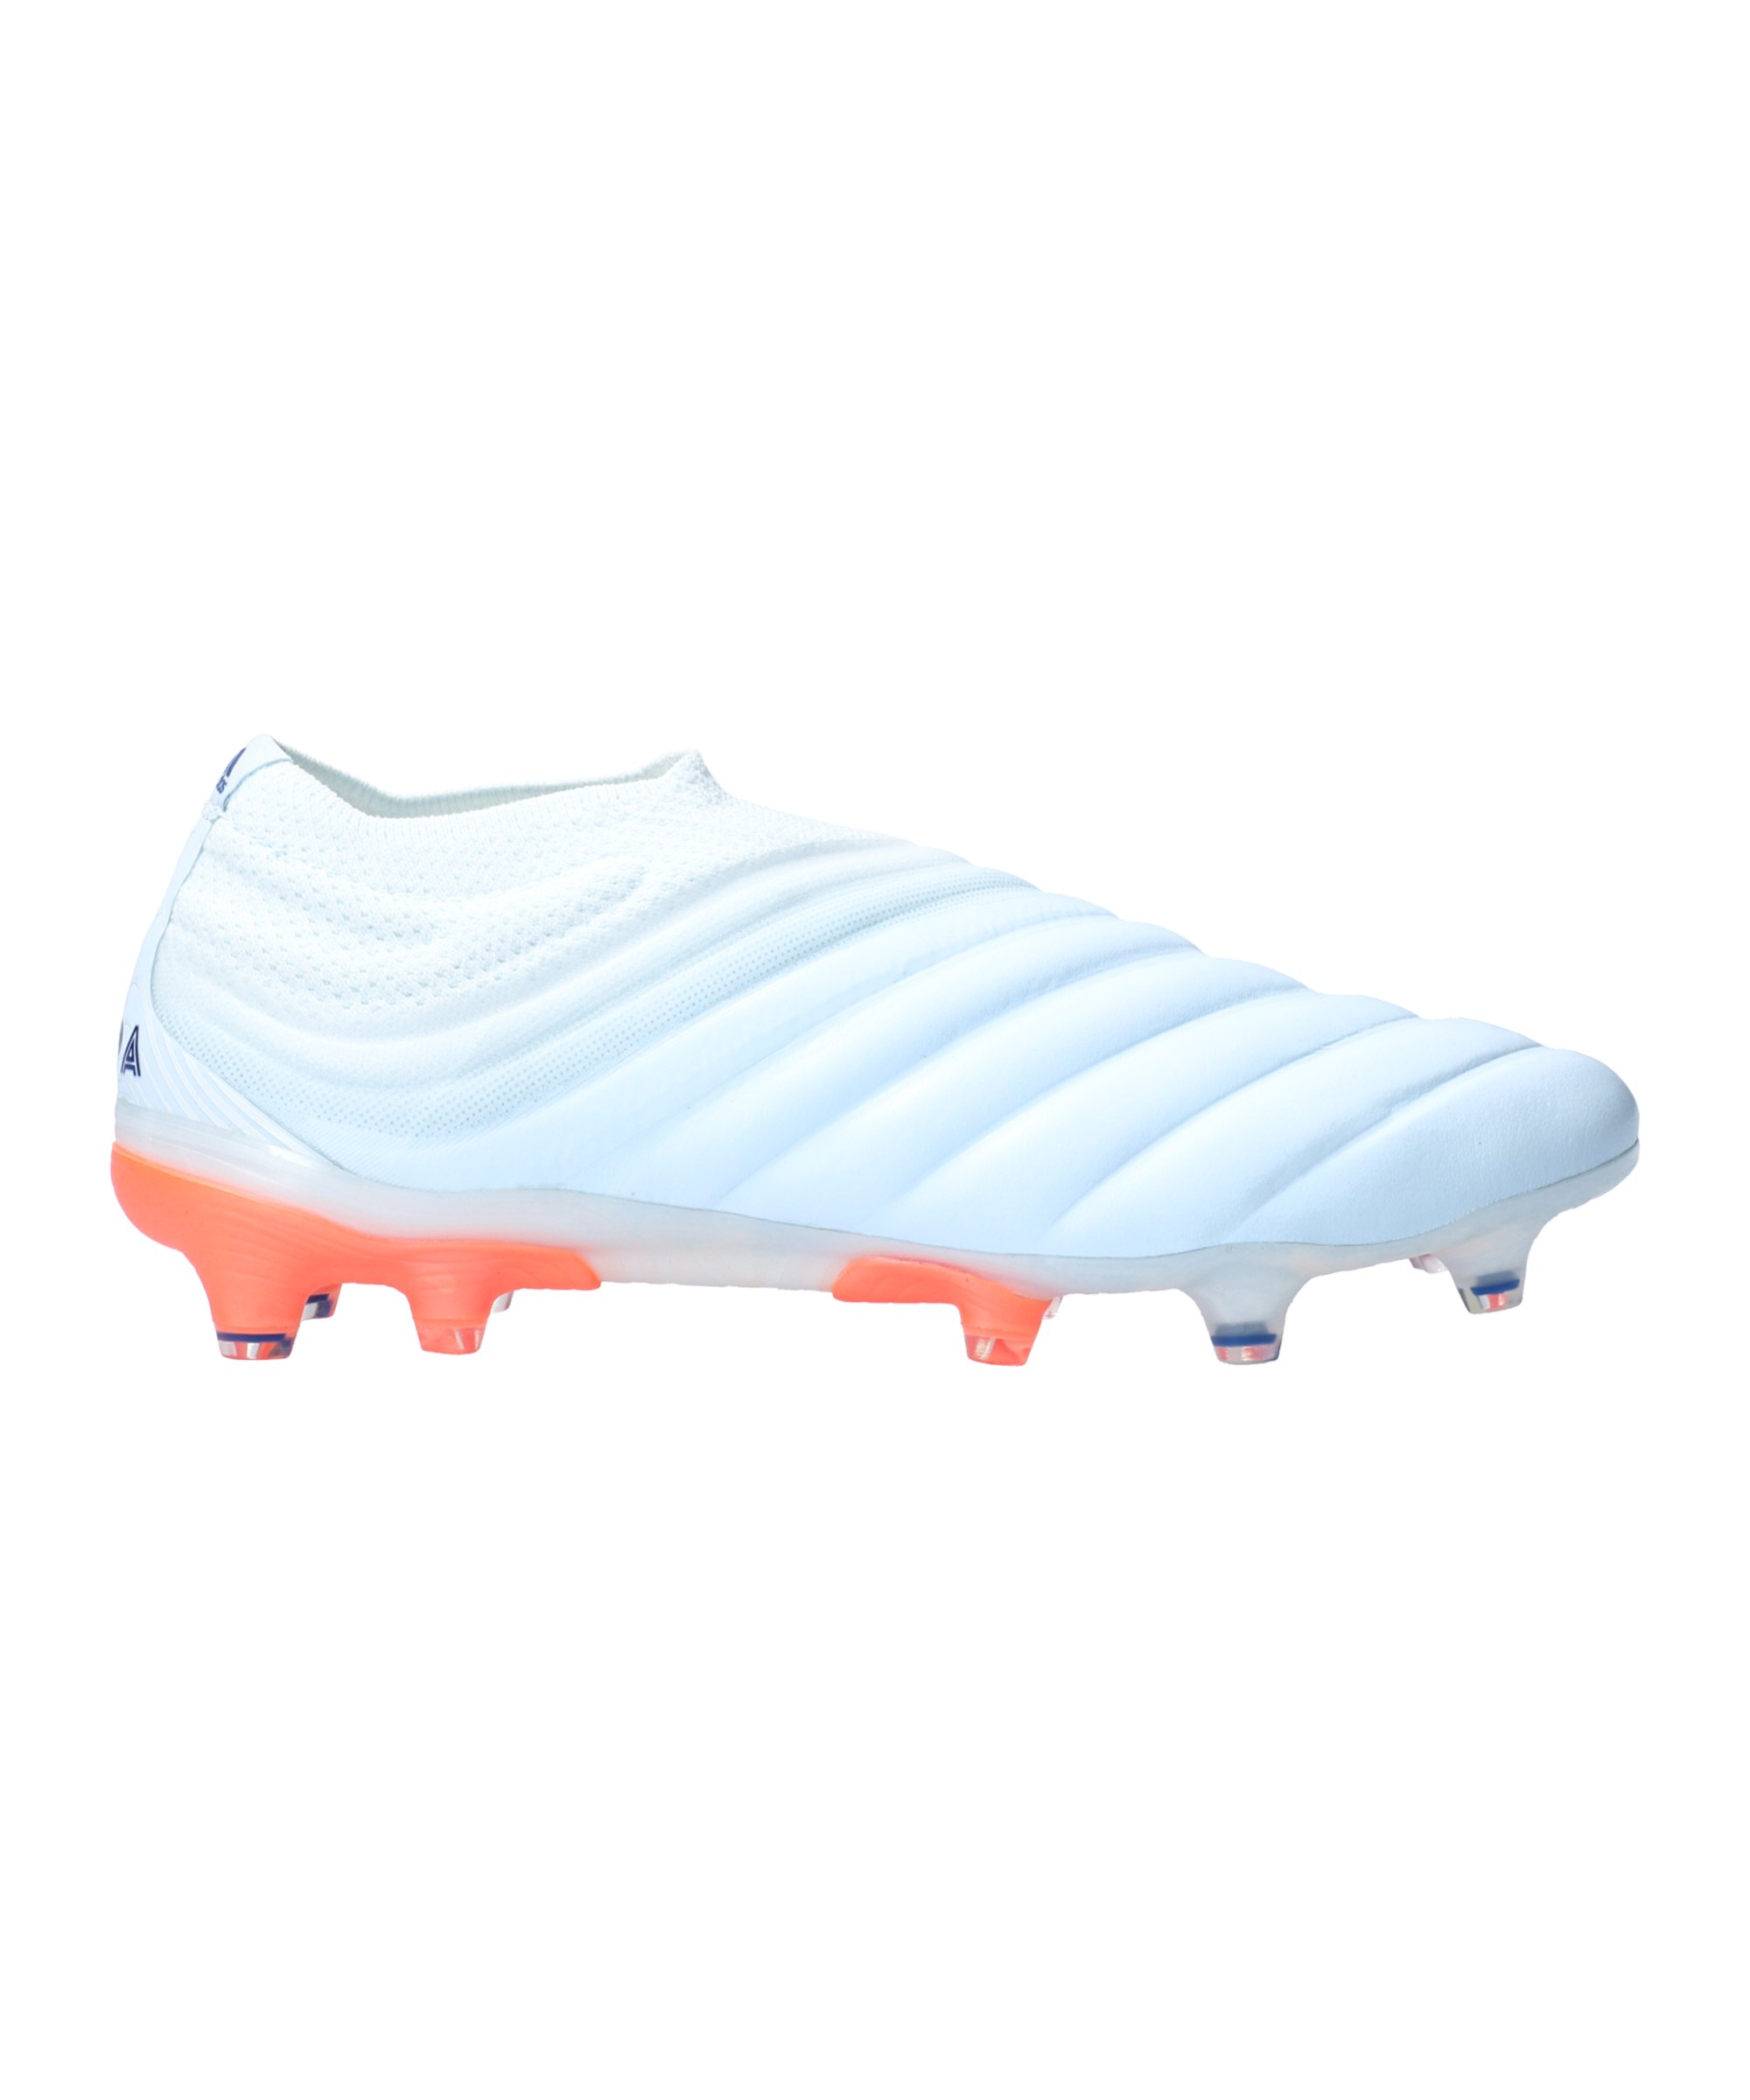 adidas COPA Glory Hunter 20+ FG Blau - blau